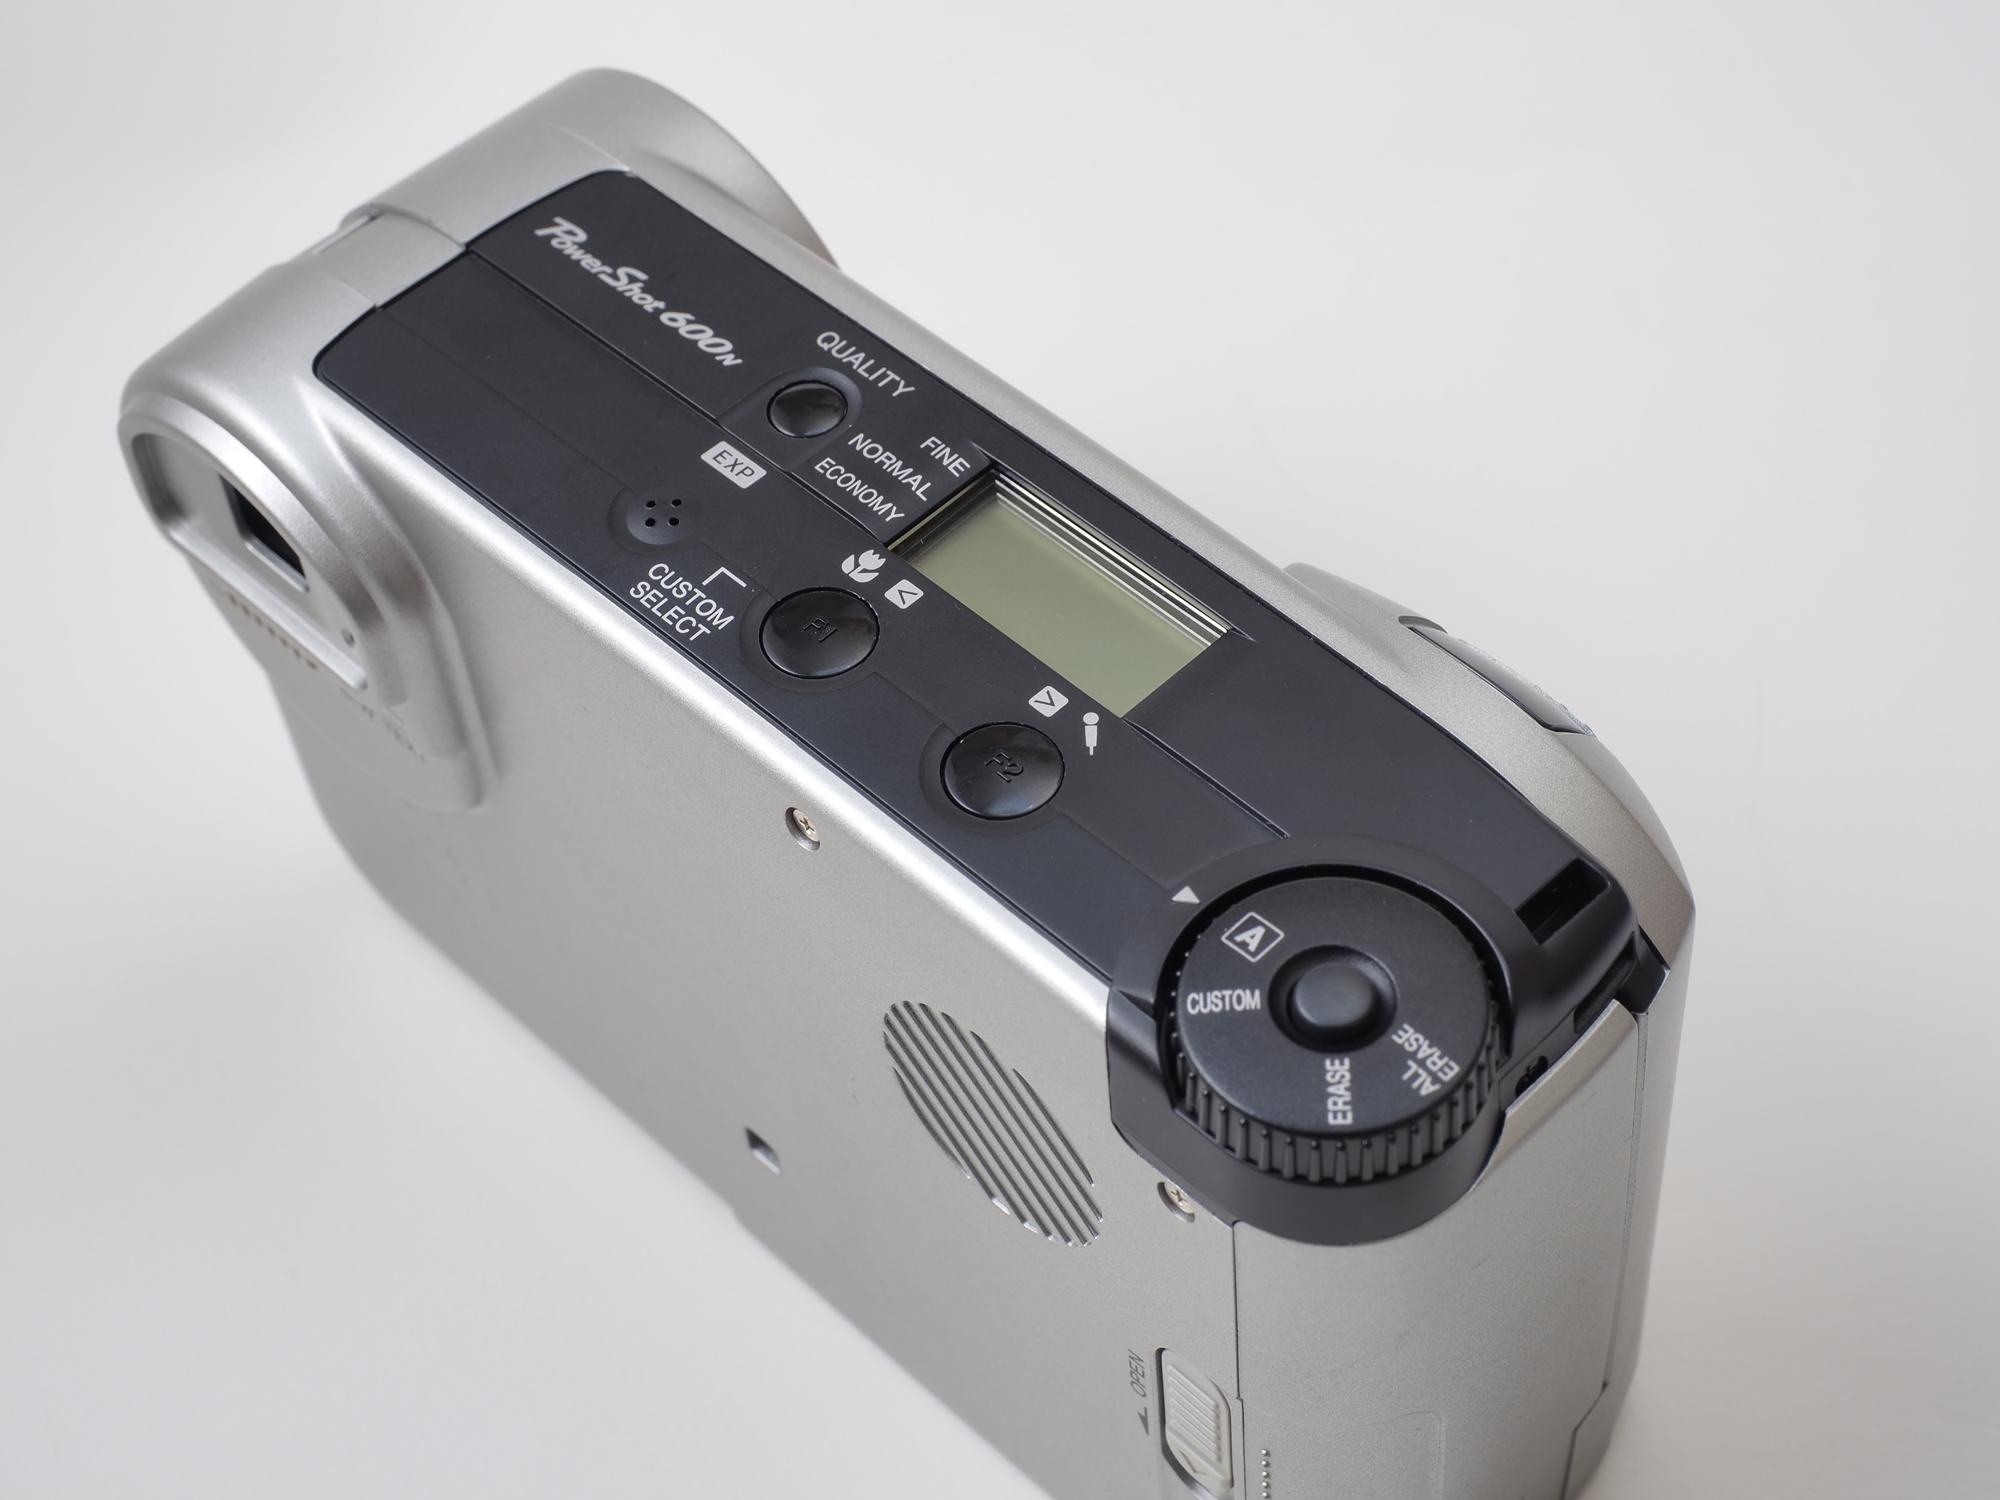 PowerShot 600はメニューがなく、カメラ設定は「モードダイヤル」と、「QUALITYボタン」、「F1/F2ボタン」で行います。そういえばフィルムのAFカメラは同じ設定方法でした。説明書がないと分からなくなるという。